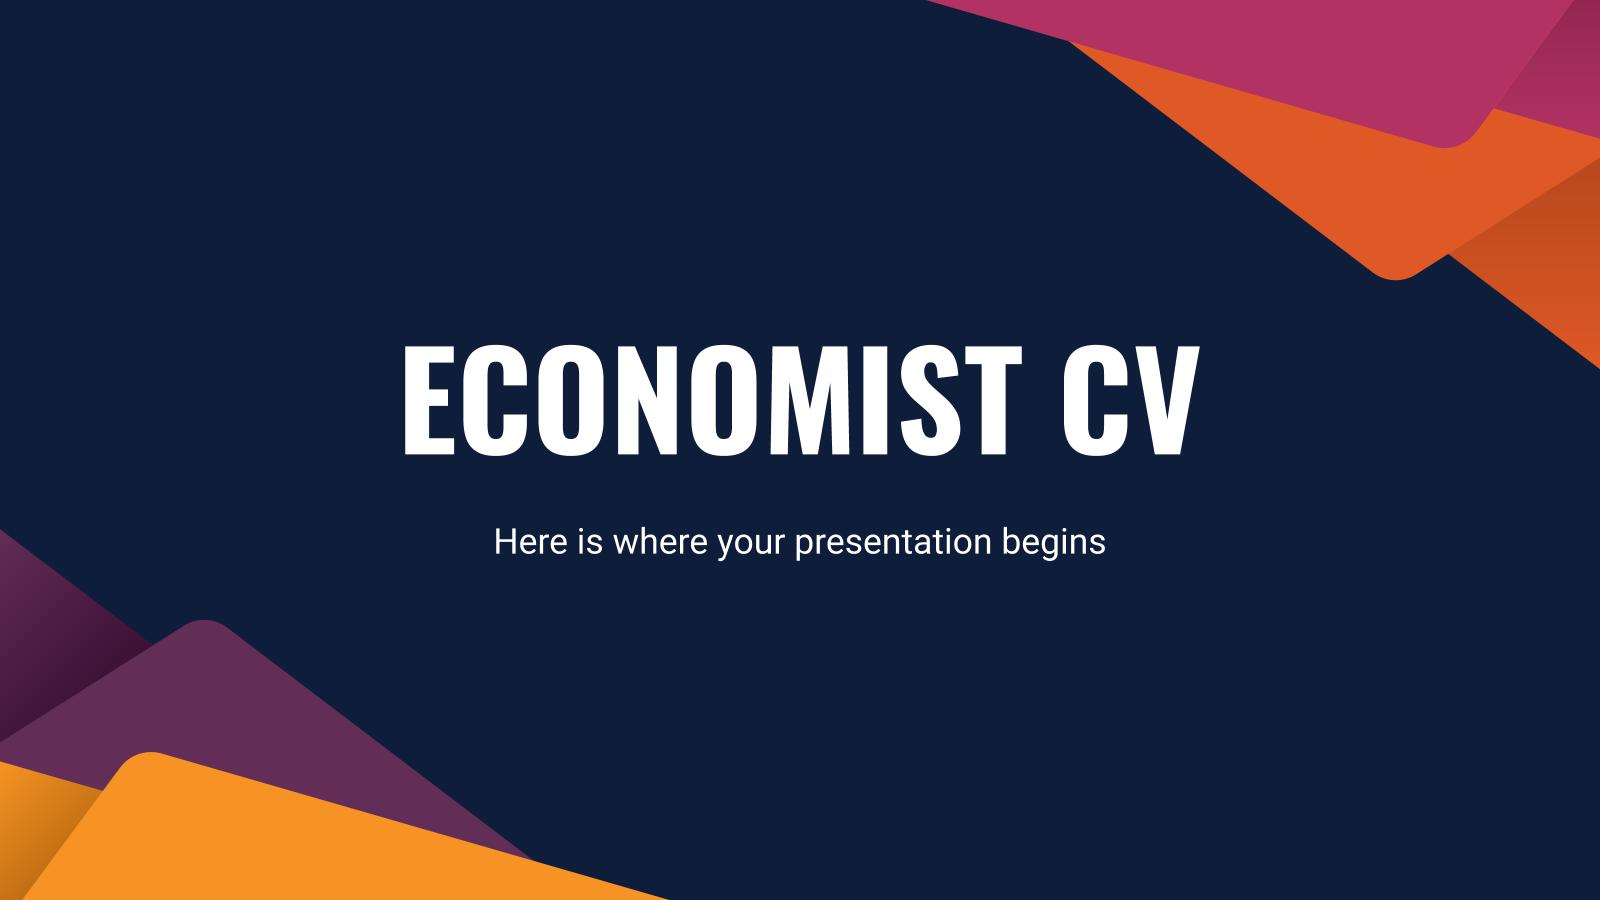 Plantilla de presentación CV para economistas